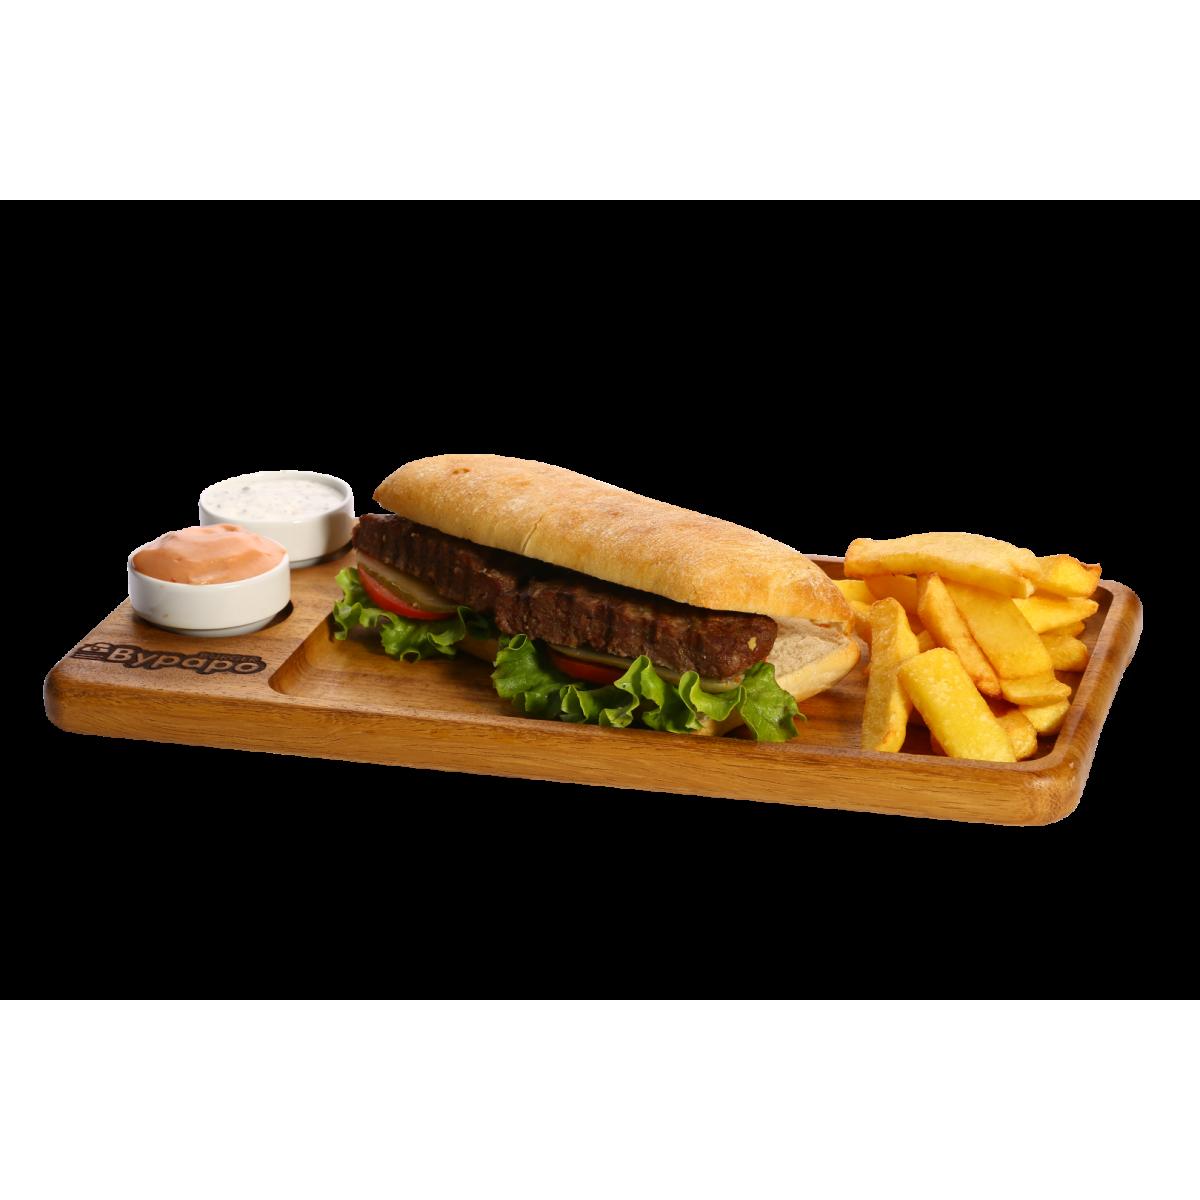 Cabata Burger